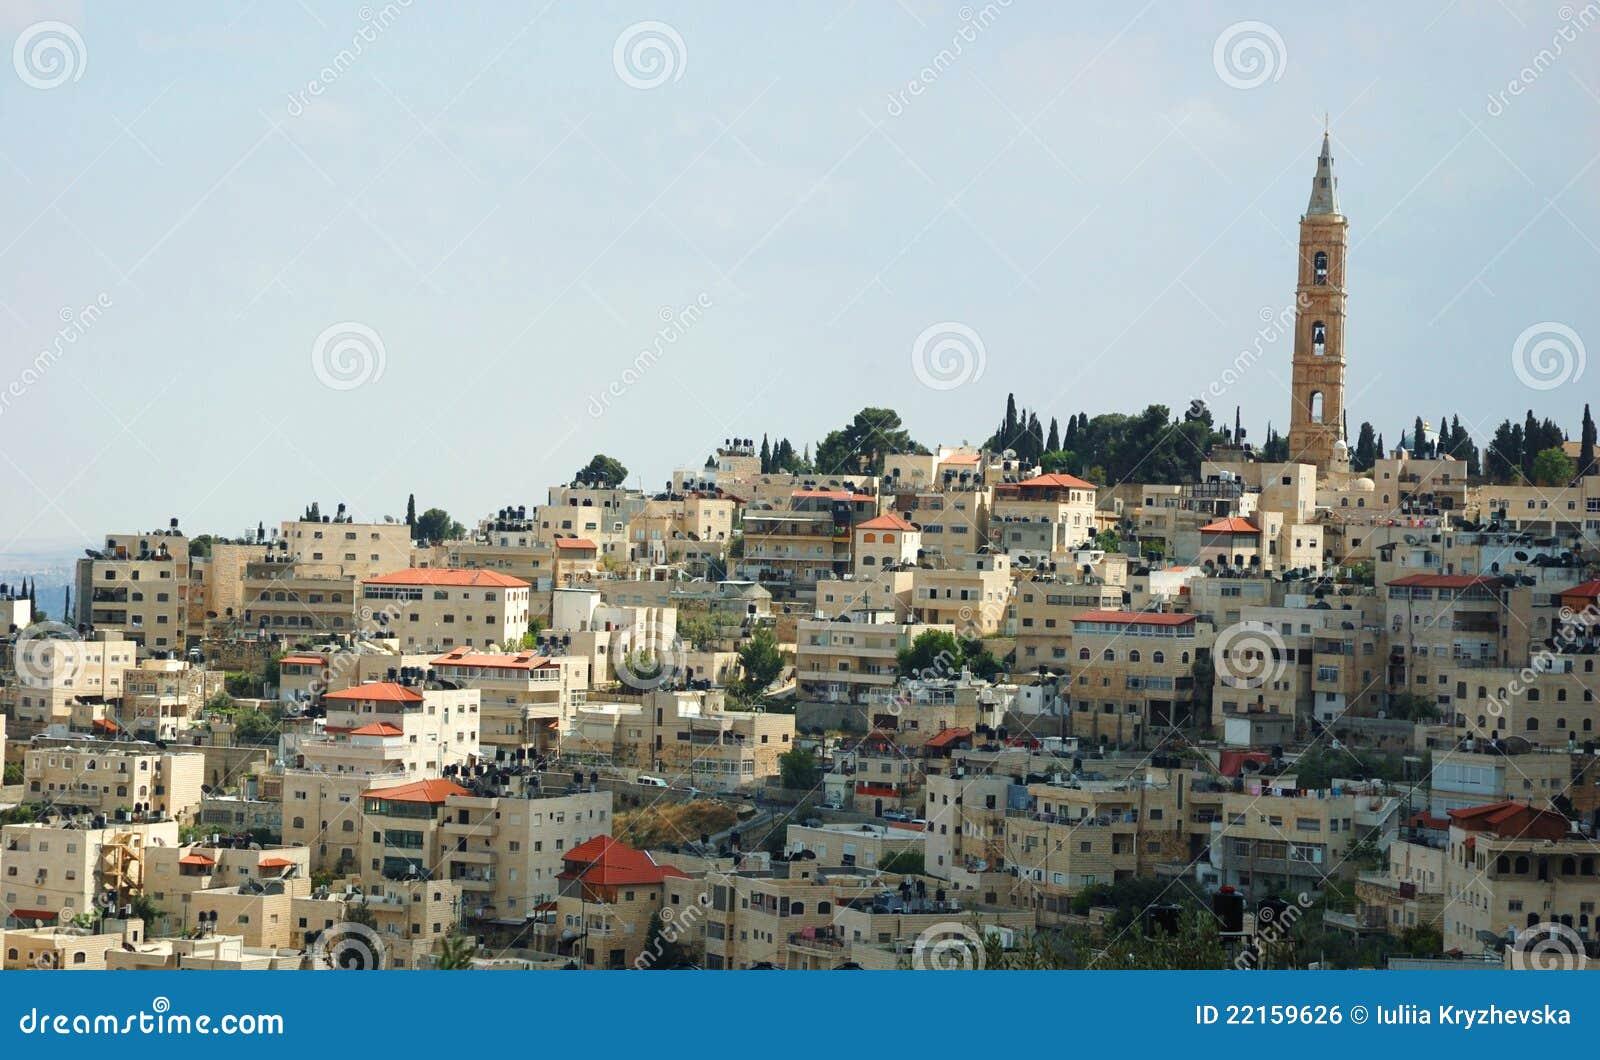 the holy city jerusalem pdf